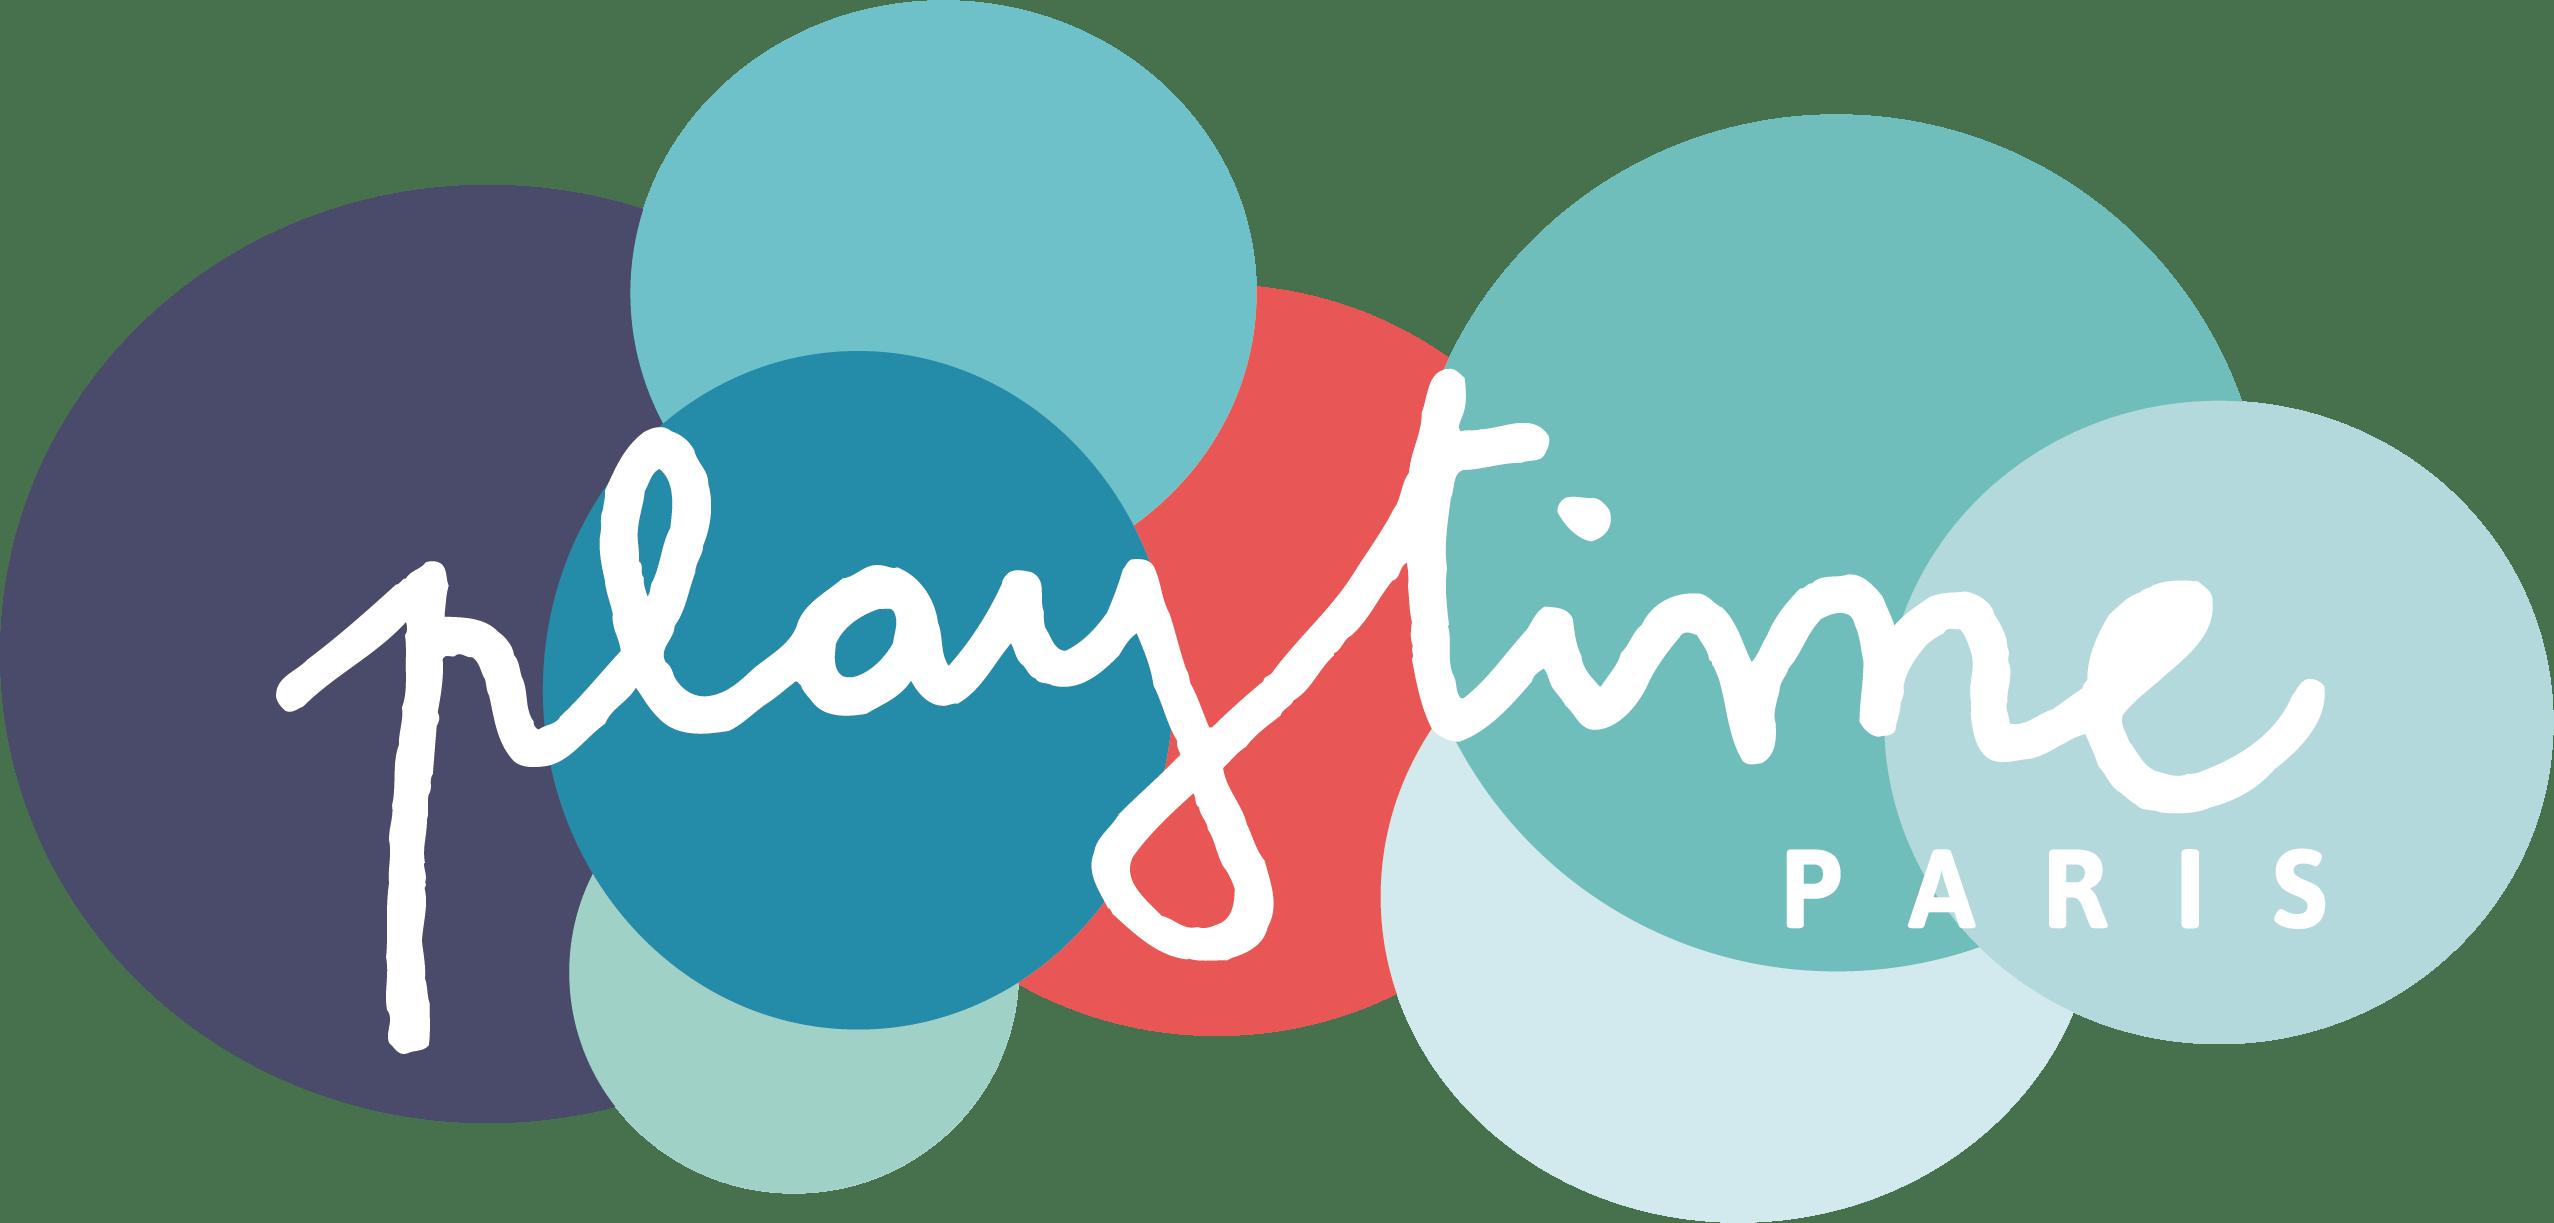 PLAYTIME-PARIS-21E_Logo-AW17